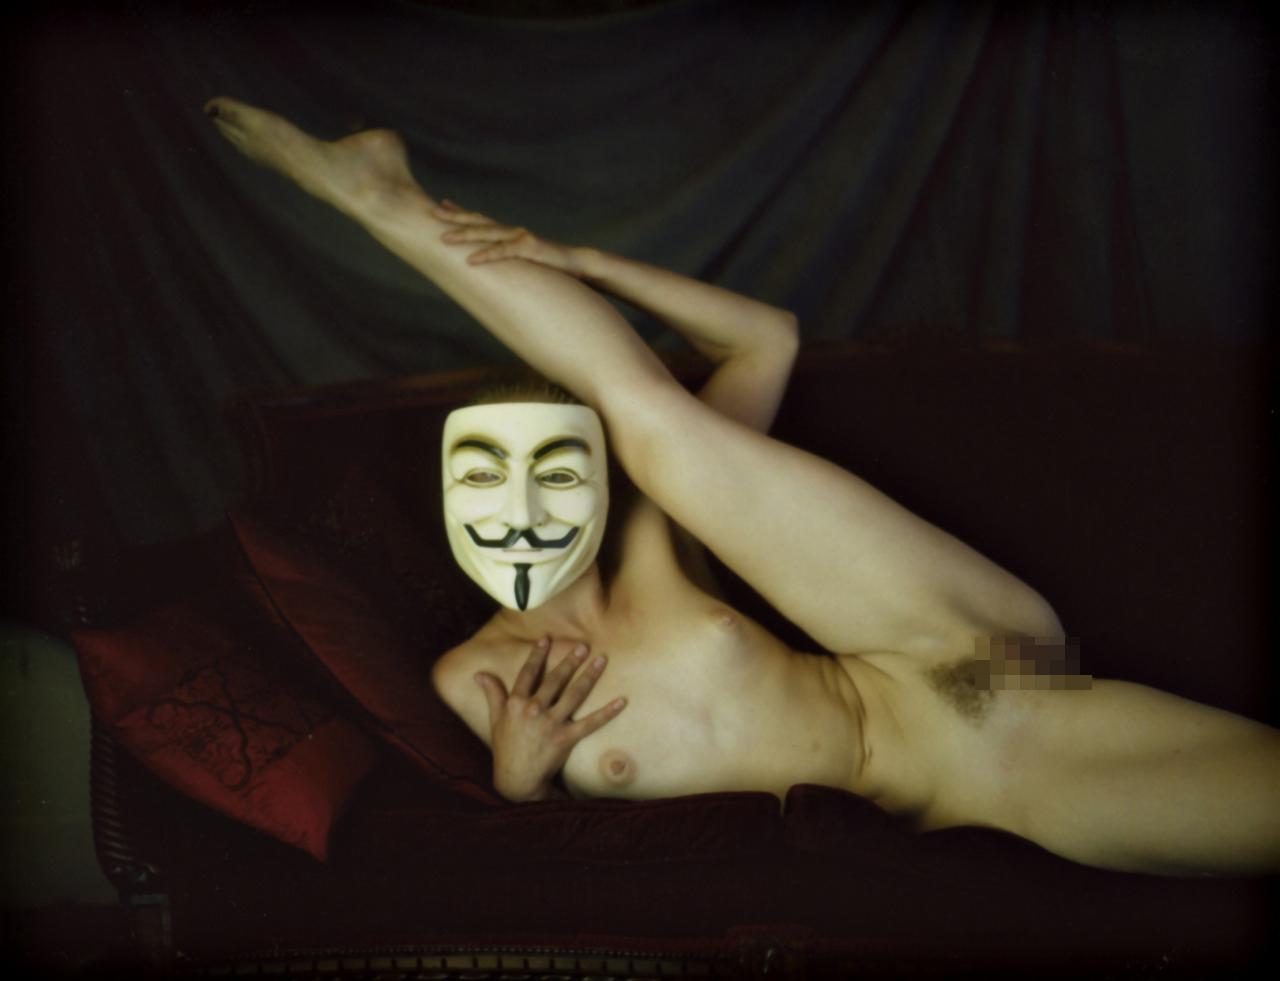 【軟体エロ画像】まんまん開き過ぎ!性的利用せねばなるまい軟体美人(*´Д`)